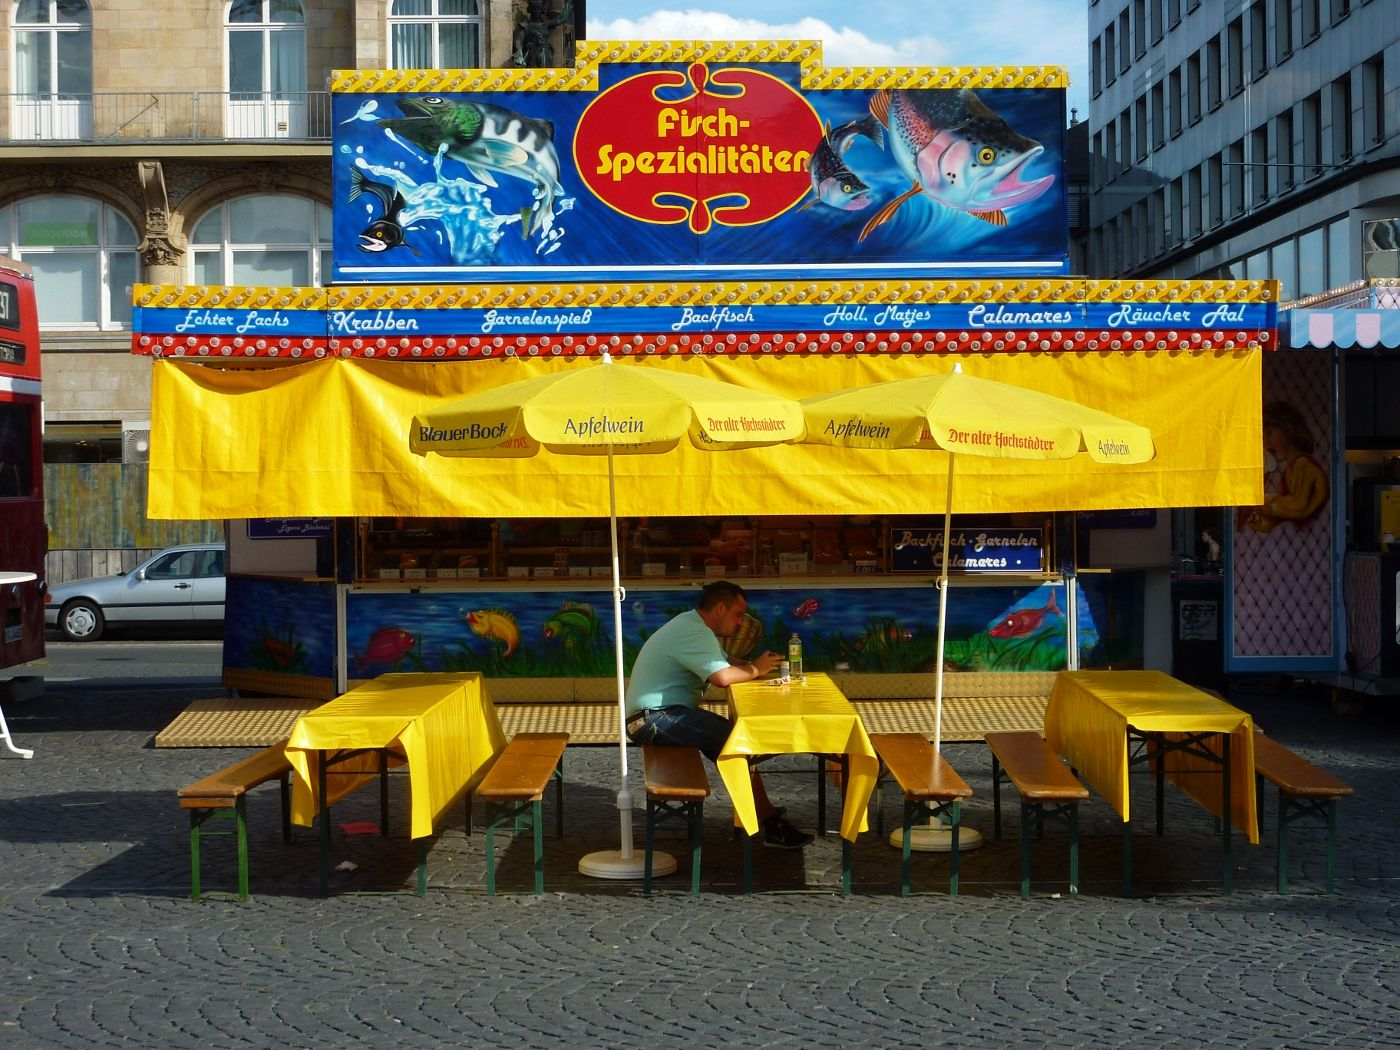 Morgen Frankfurt morgen am 8 aug beginnt das apfelweinfest auf der roßmarktwüste